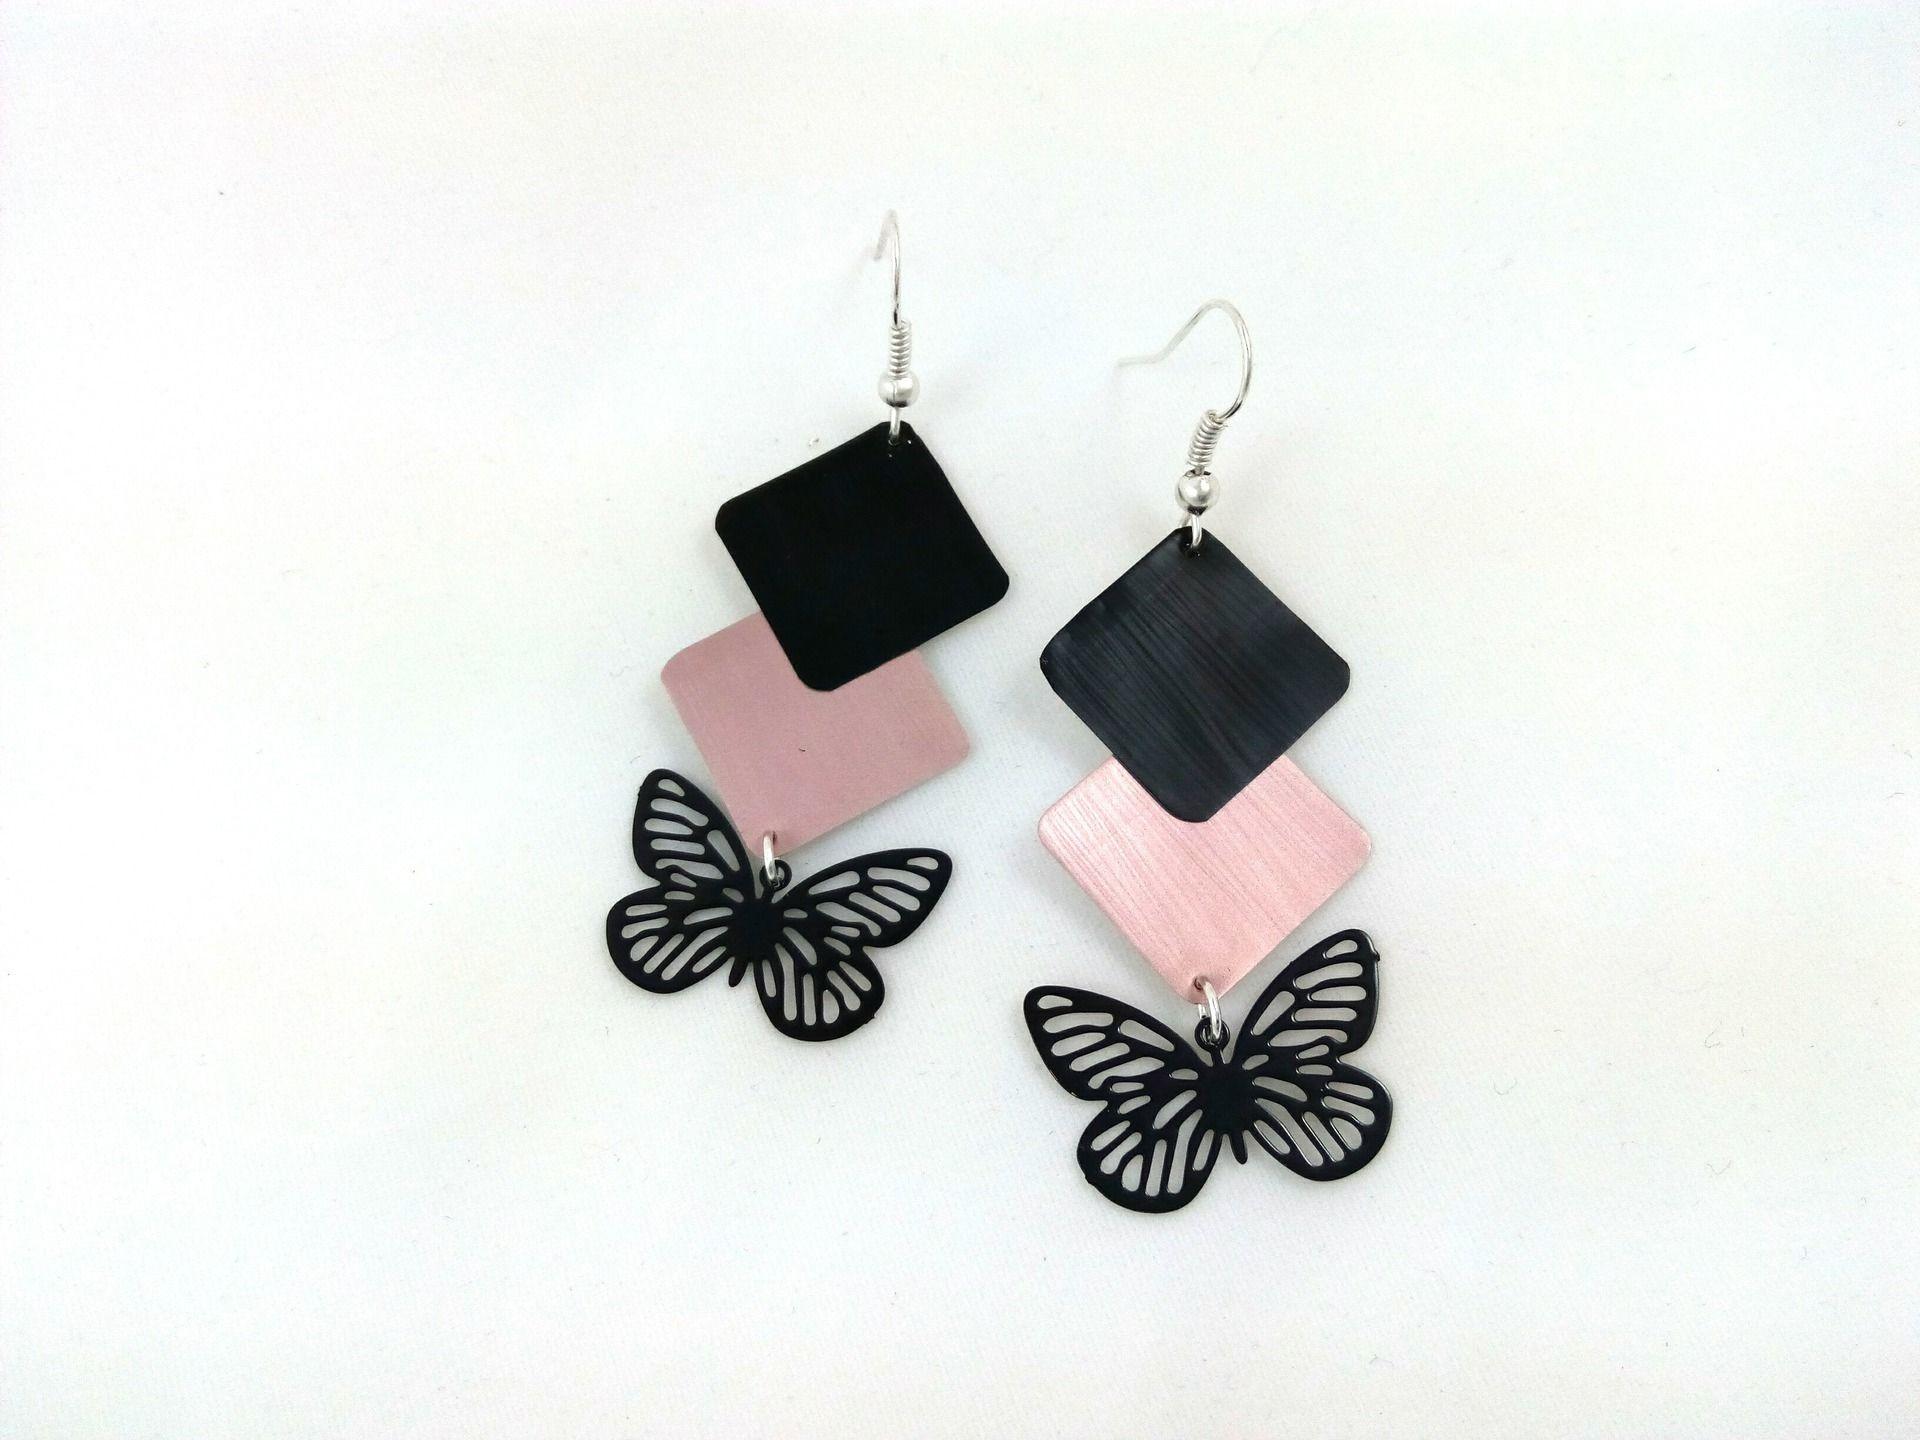 Boucles d oreilles roses et noires en capsule de café Nespresso et papillon  noir eae29996e6c